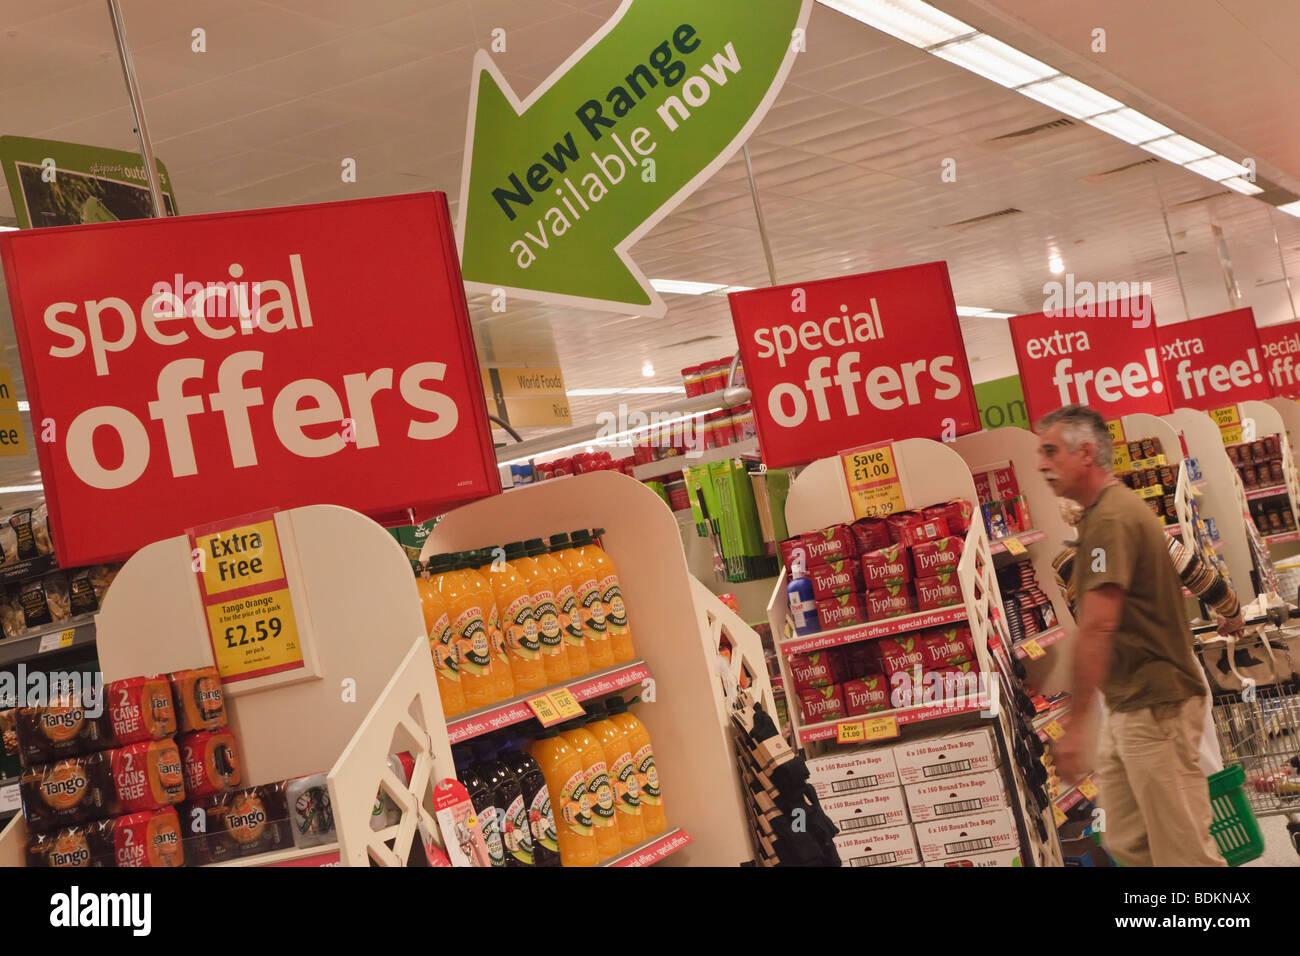 Fila di offerte speciali segni di Morrisons supermercato, Gibilterra Immagini Stock